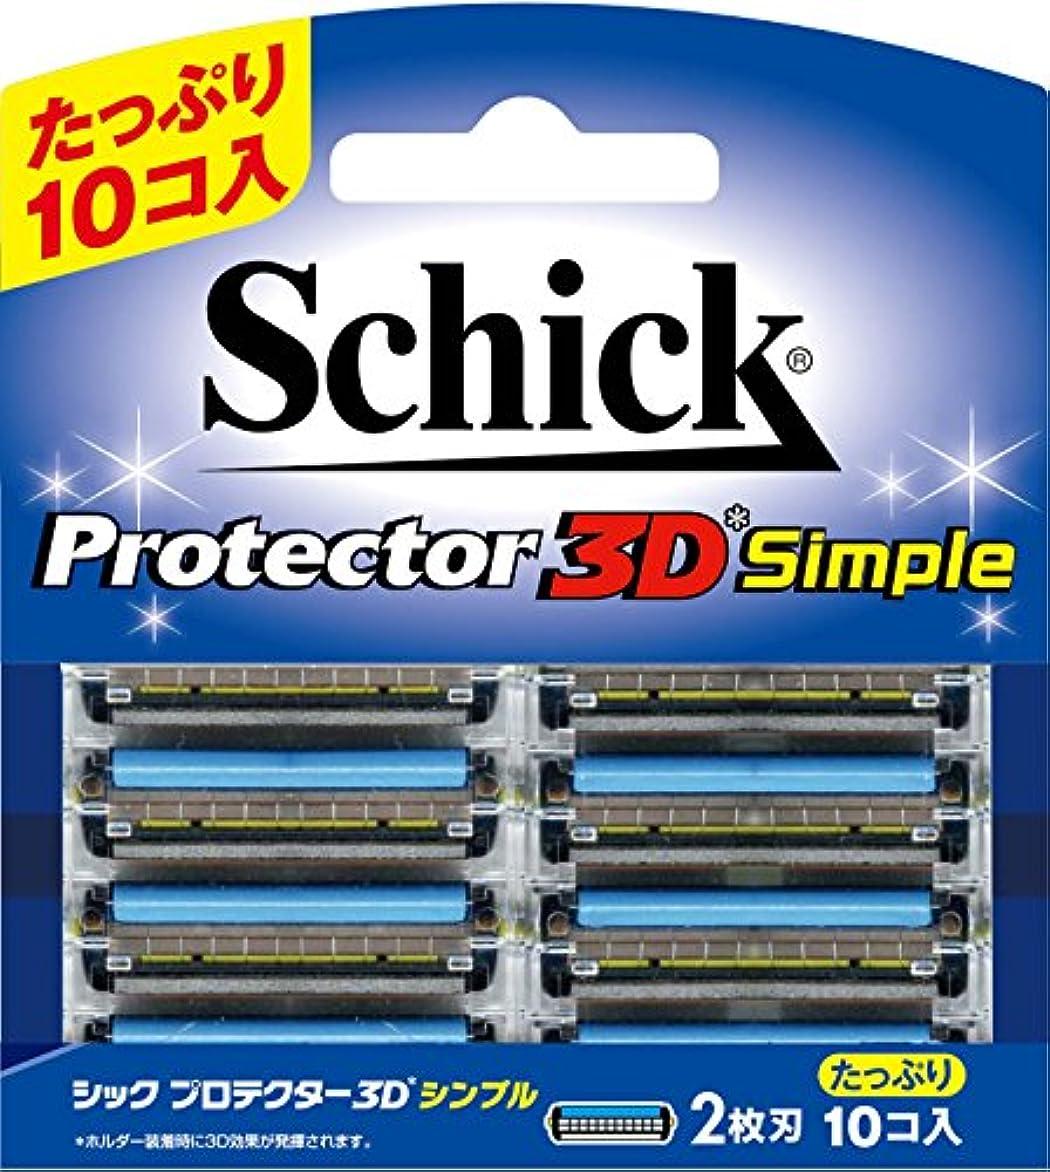 トレイランチ流暢シック プロテクター3D シンプル 替刃 (10コ入)